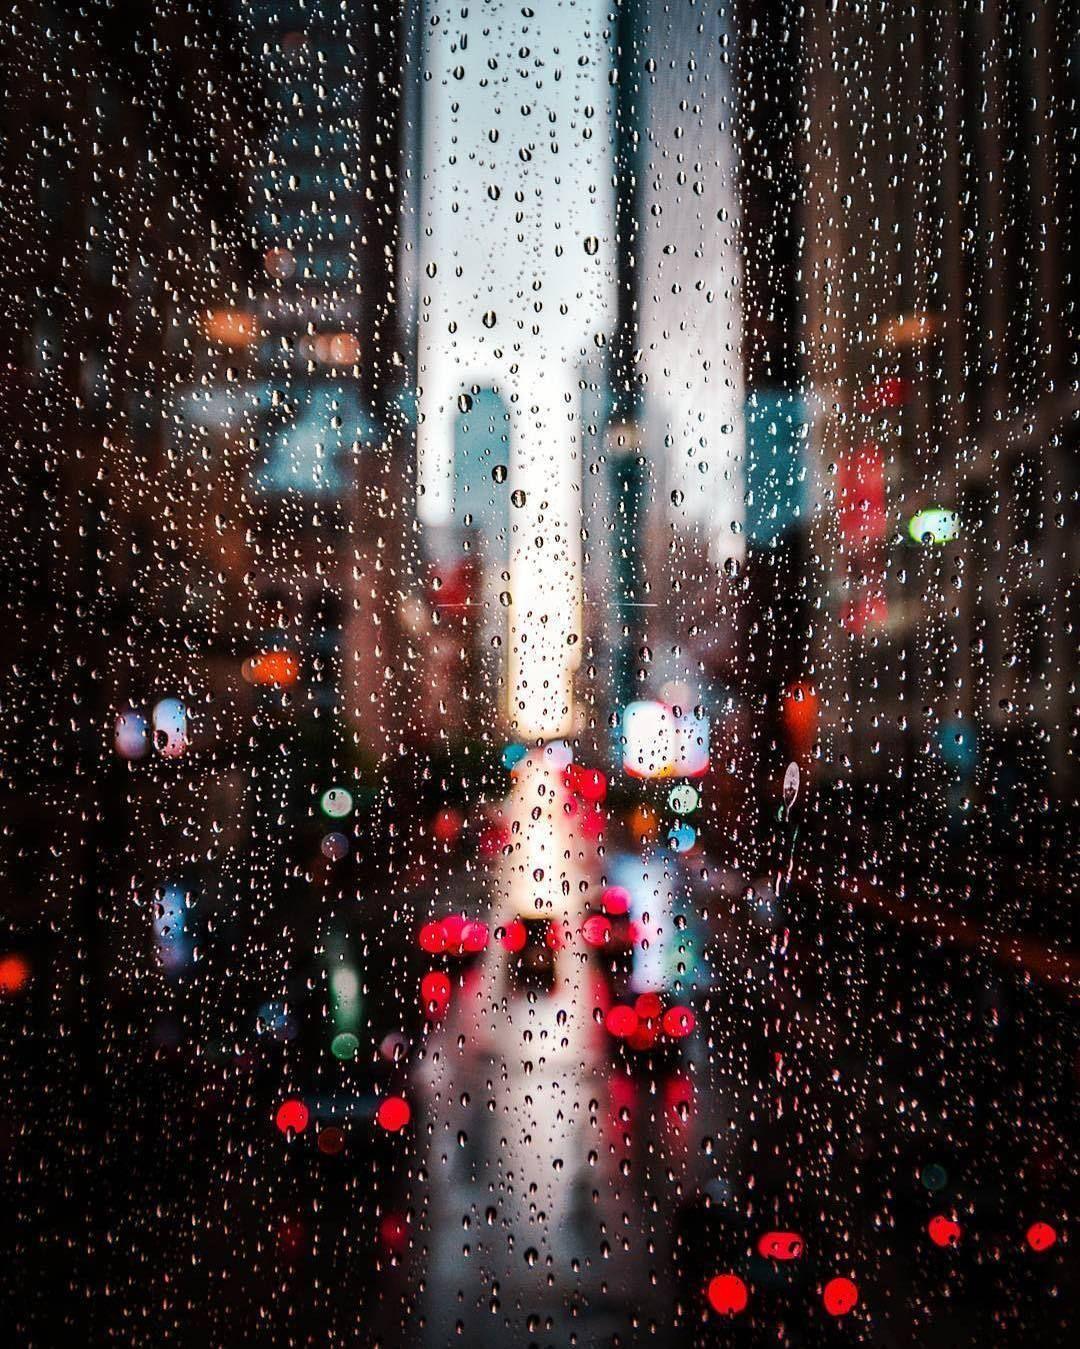 Singing In The Rain Rainy Day Photography Rainy City Rain